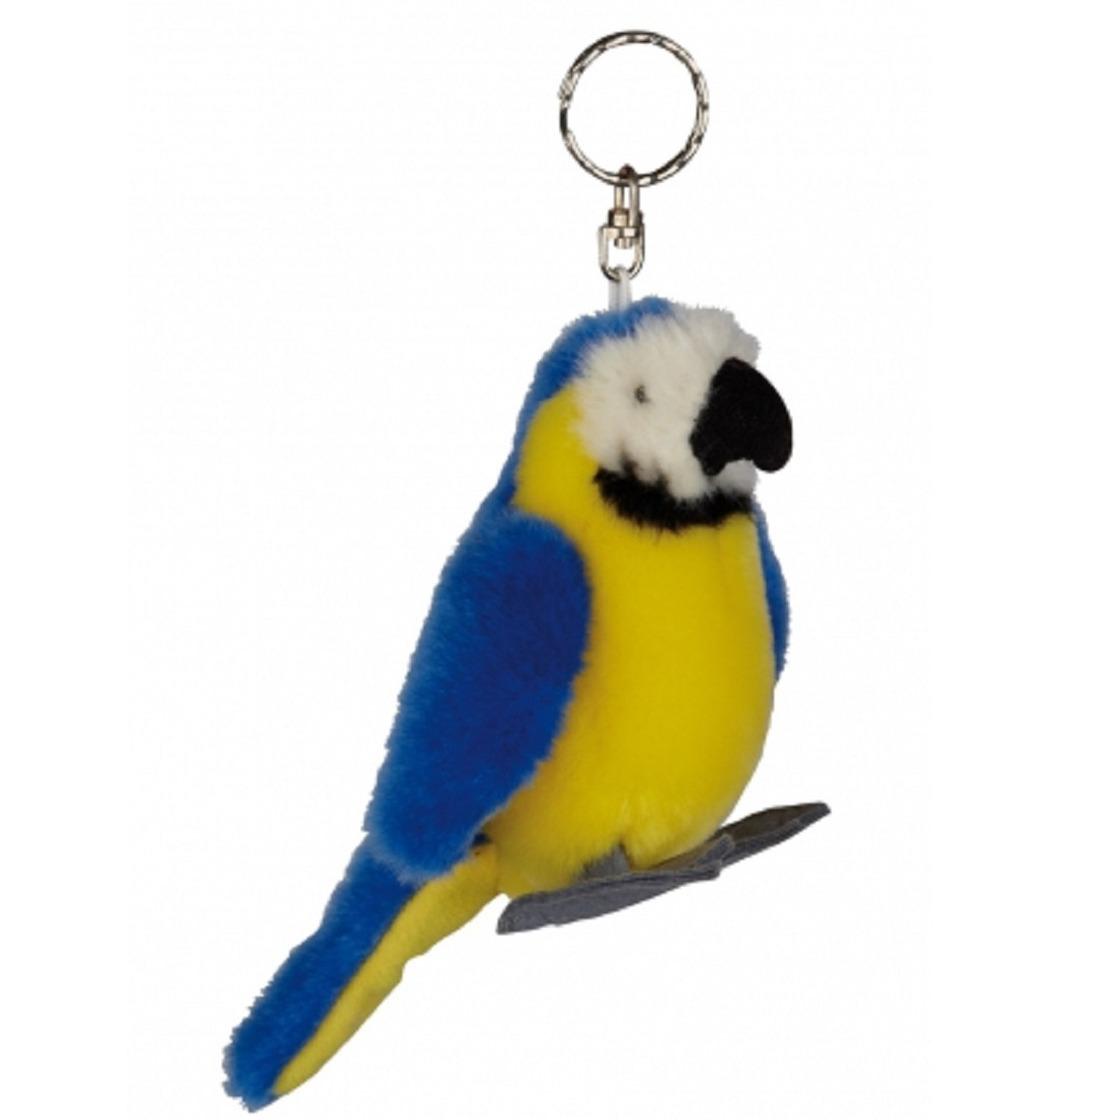 Blauwe Ara Papegaai knuffel sleutelhanger 10 cm